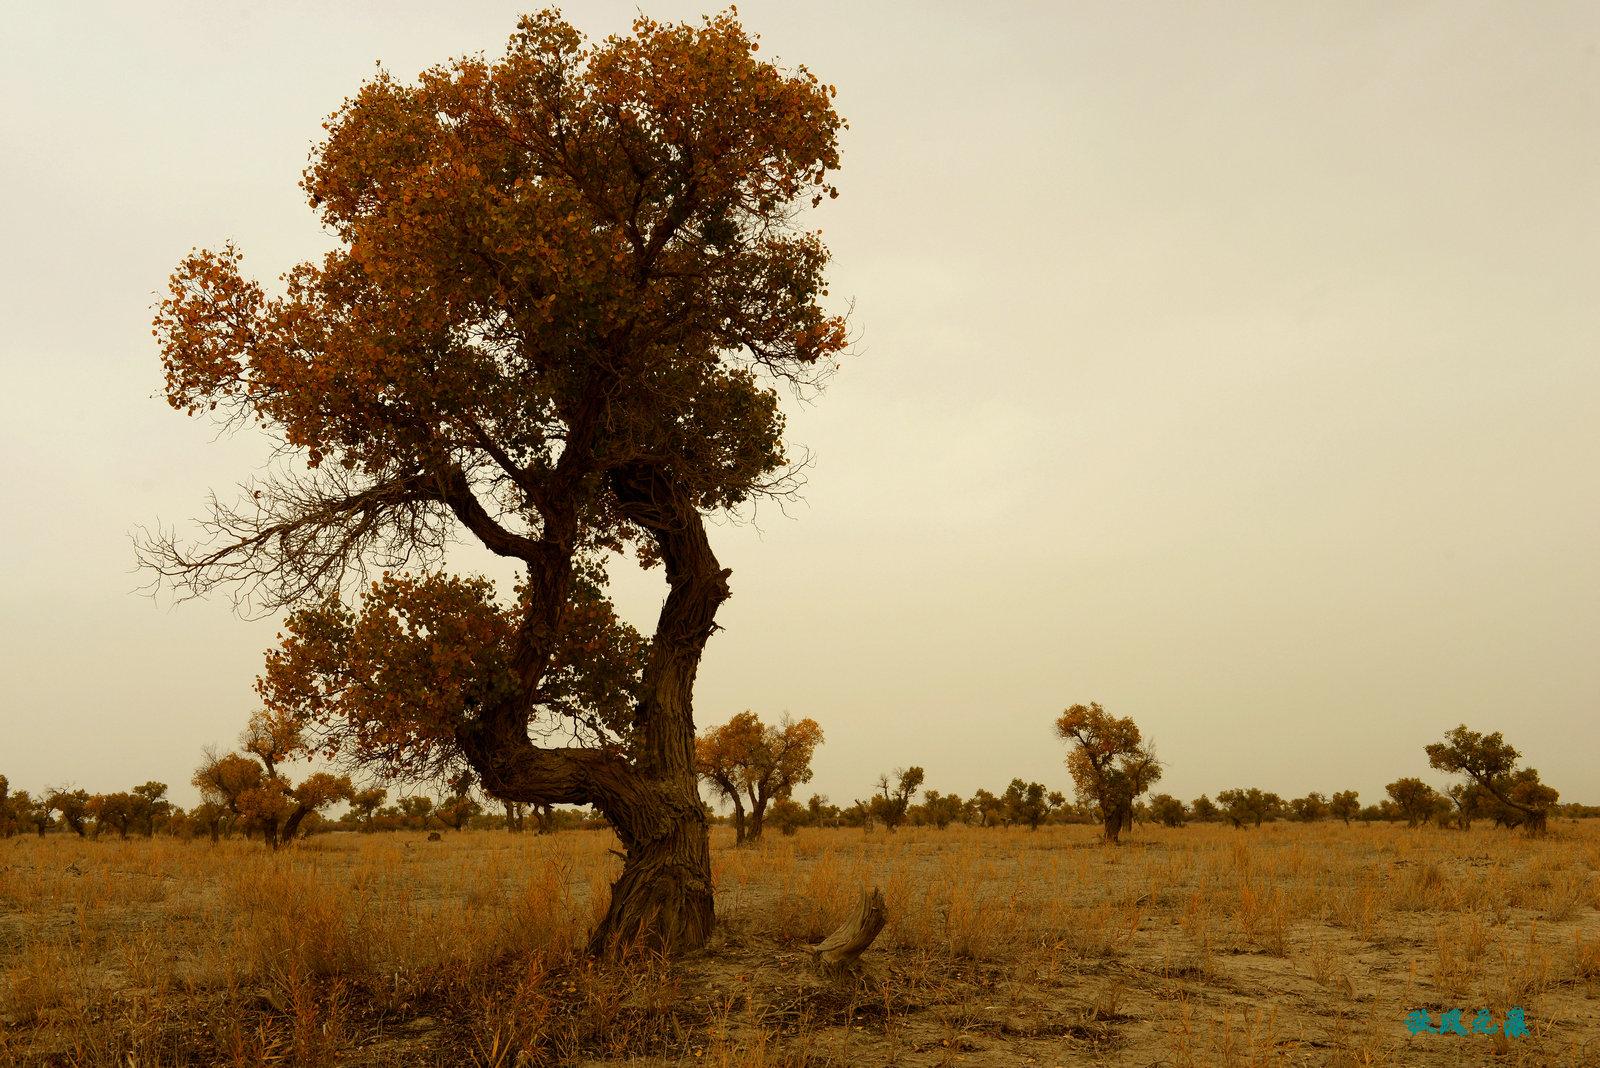 戈壁沙漠有胡杨